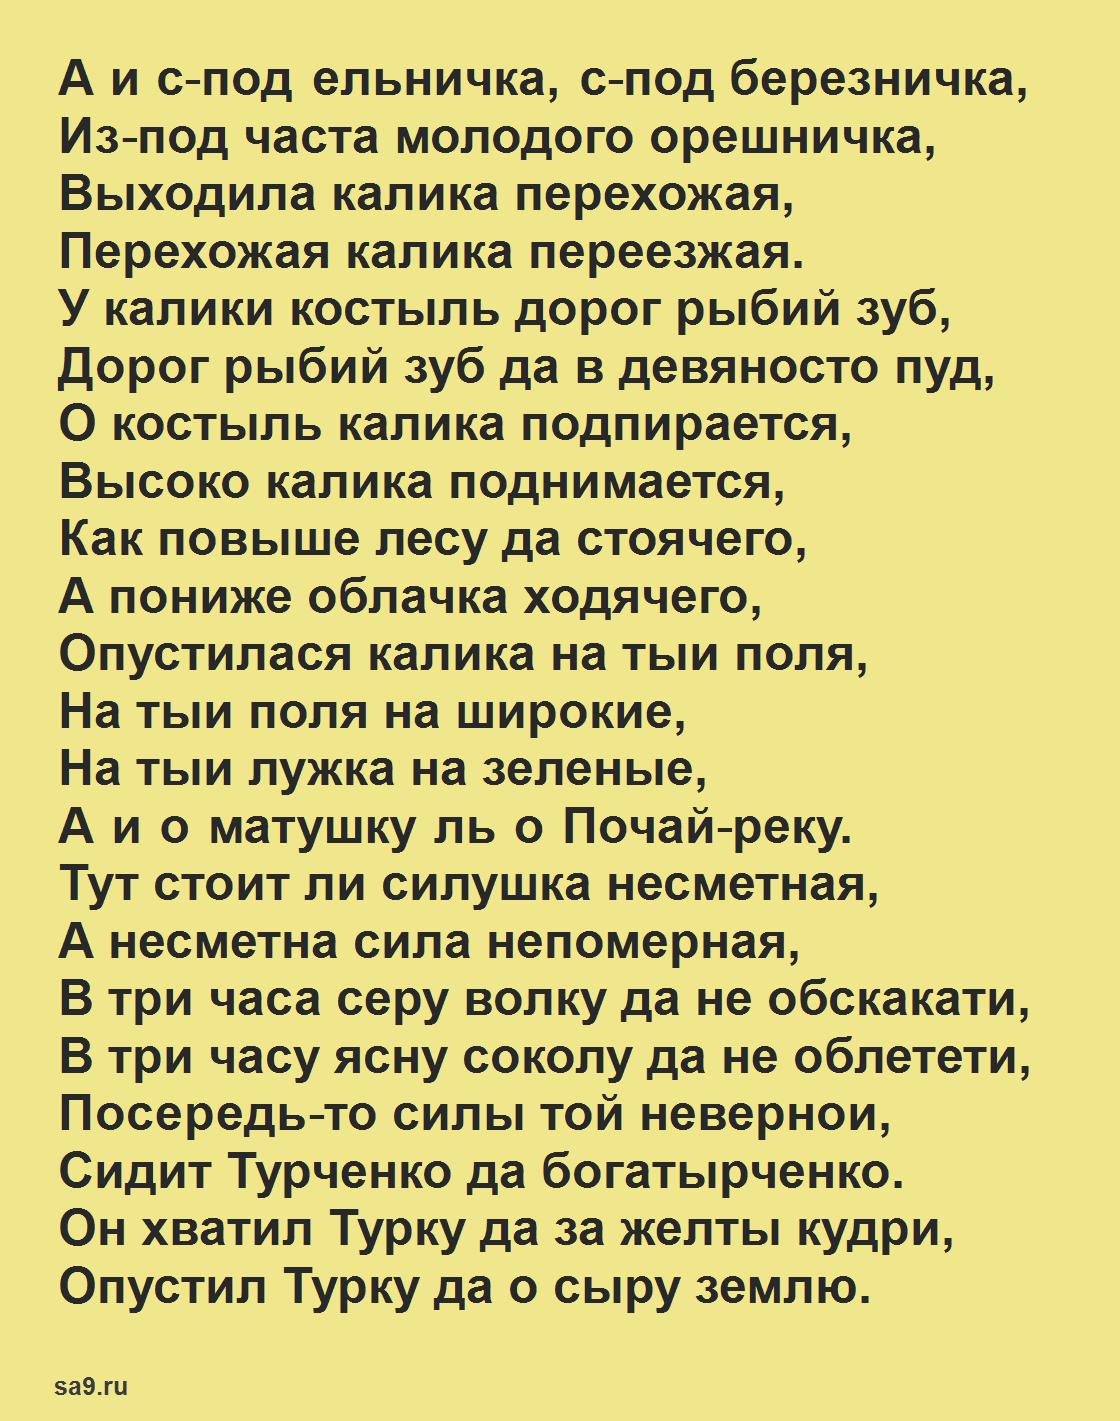 Былина - Калика богатырь